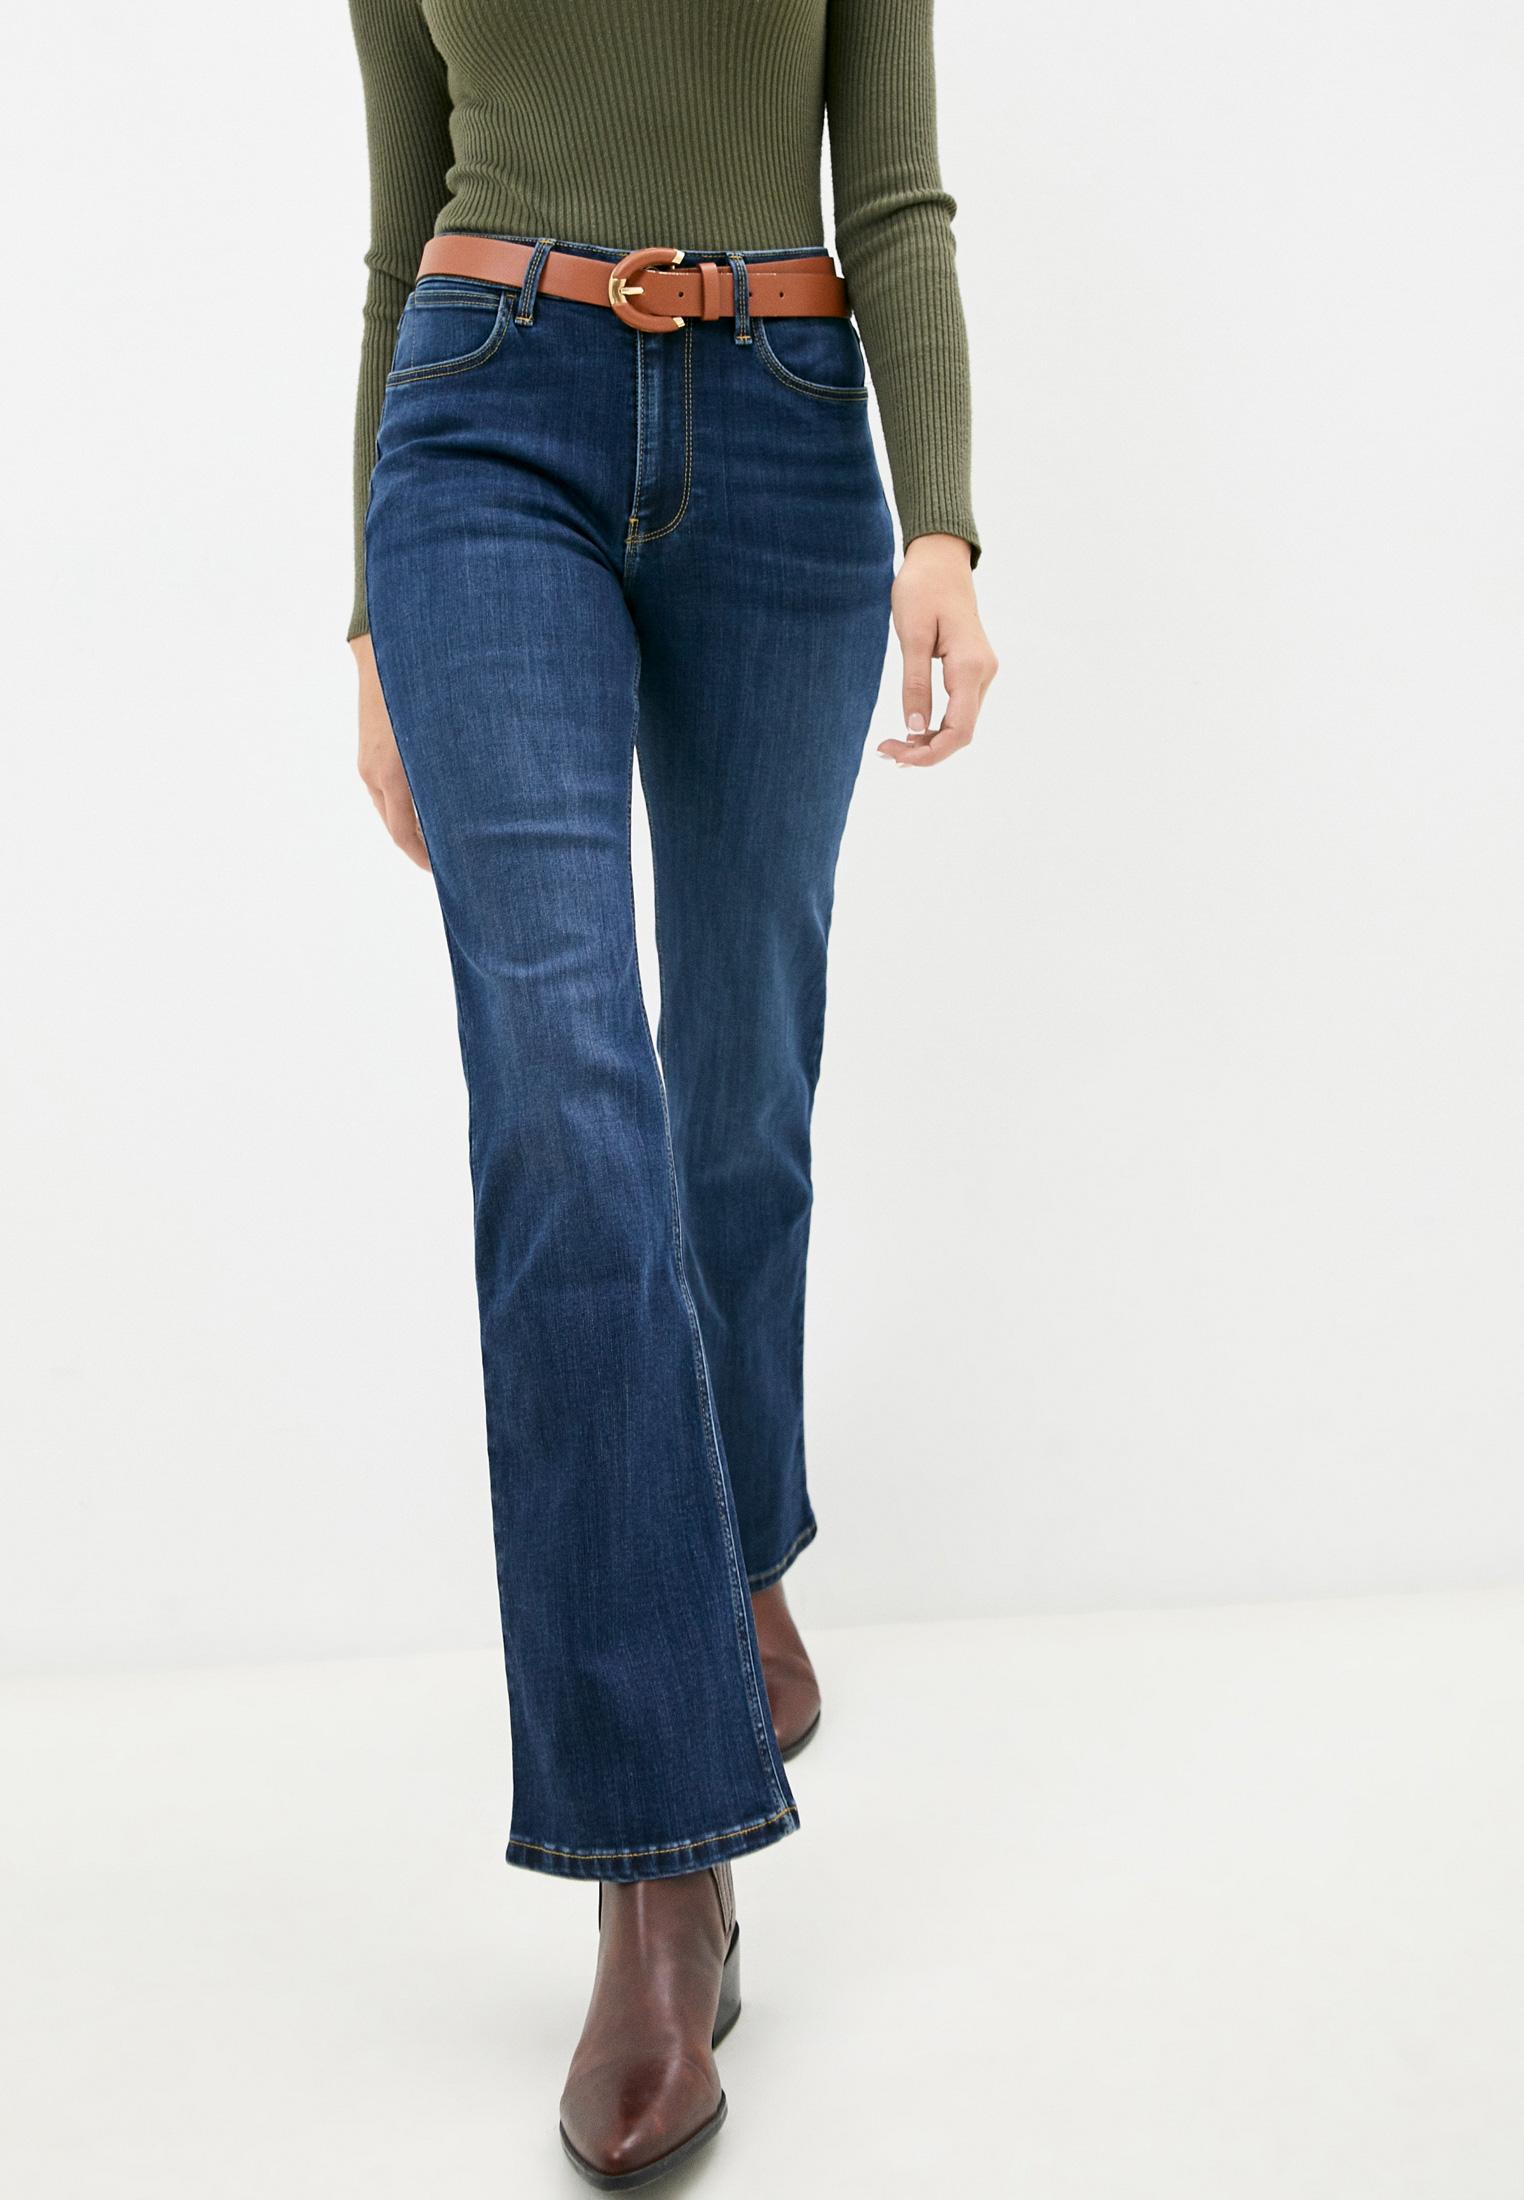 Широкие и расклешенные джинсы Wrangler (Вранглер) Джинсы Wrangler